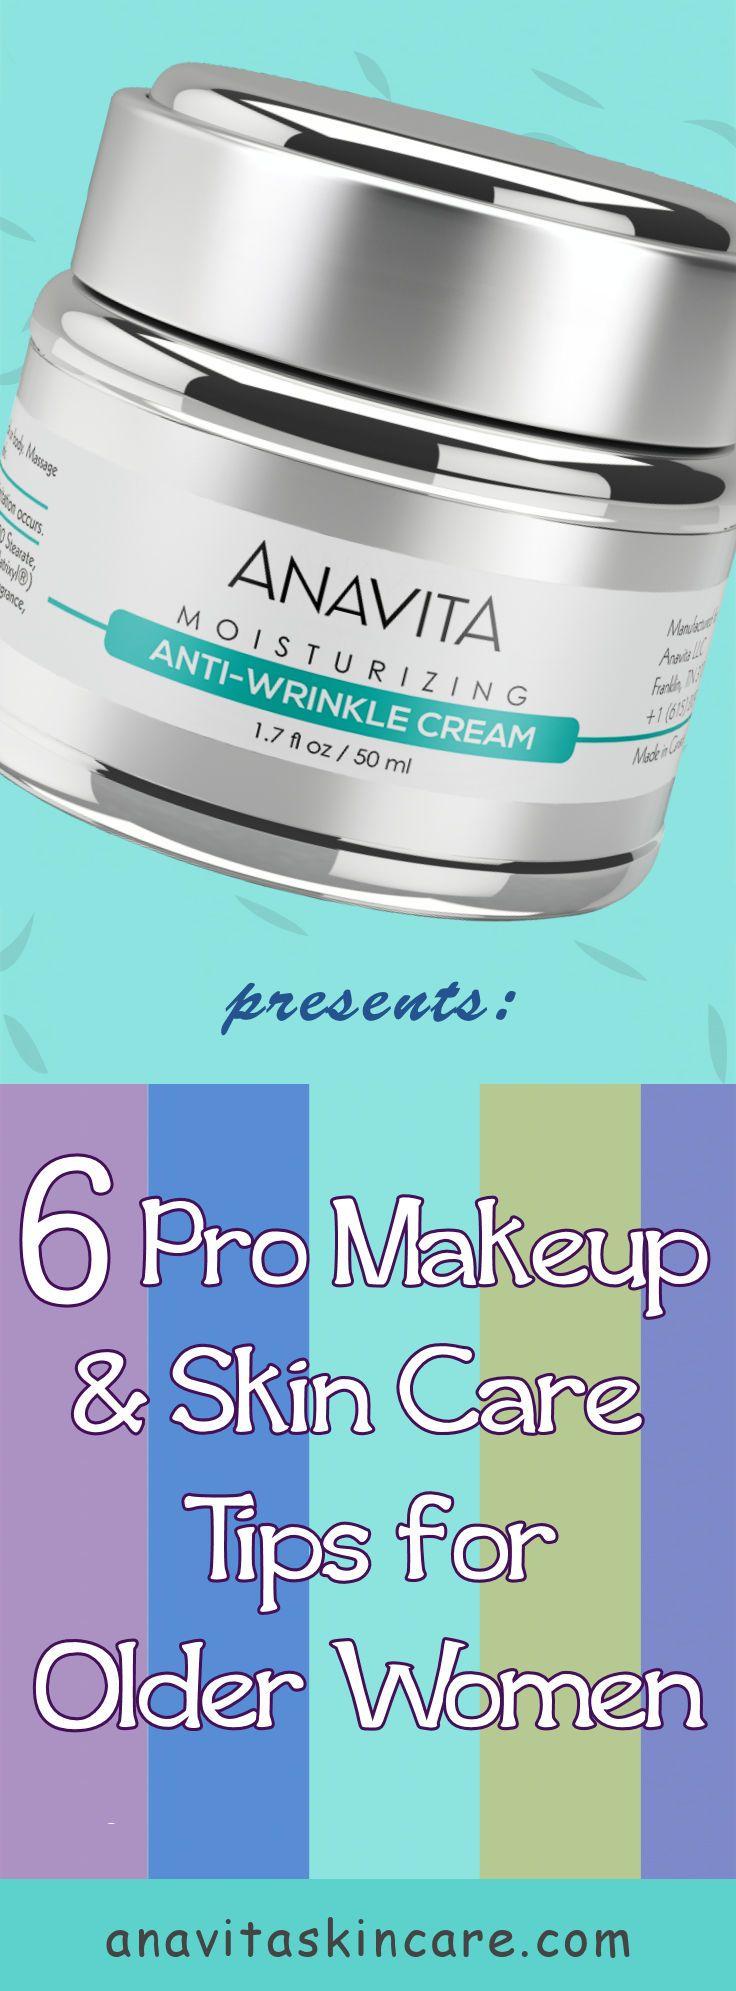 138 best Skin Care for Seniors images on Pinterest | Beauty tips ...